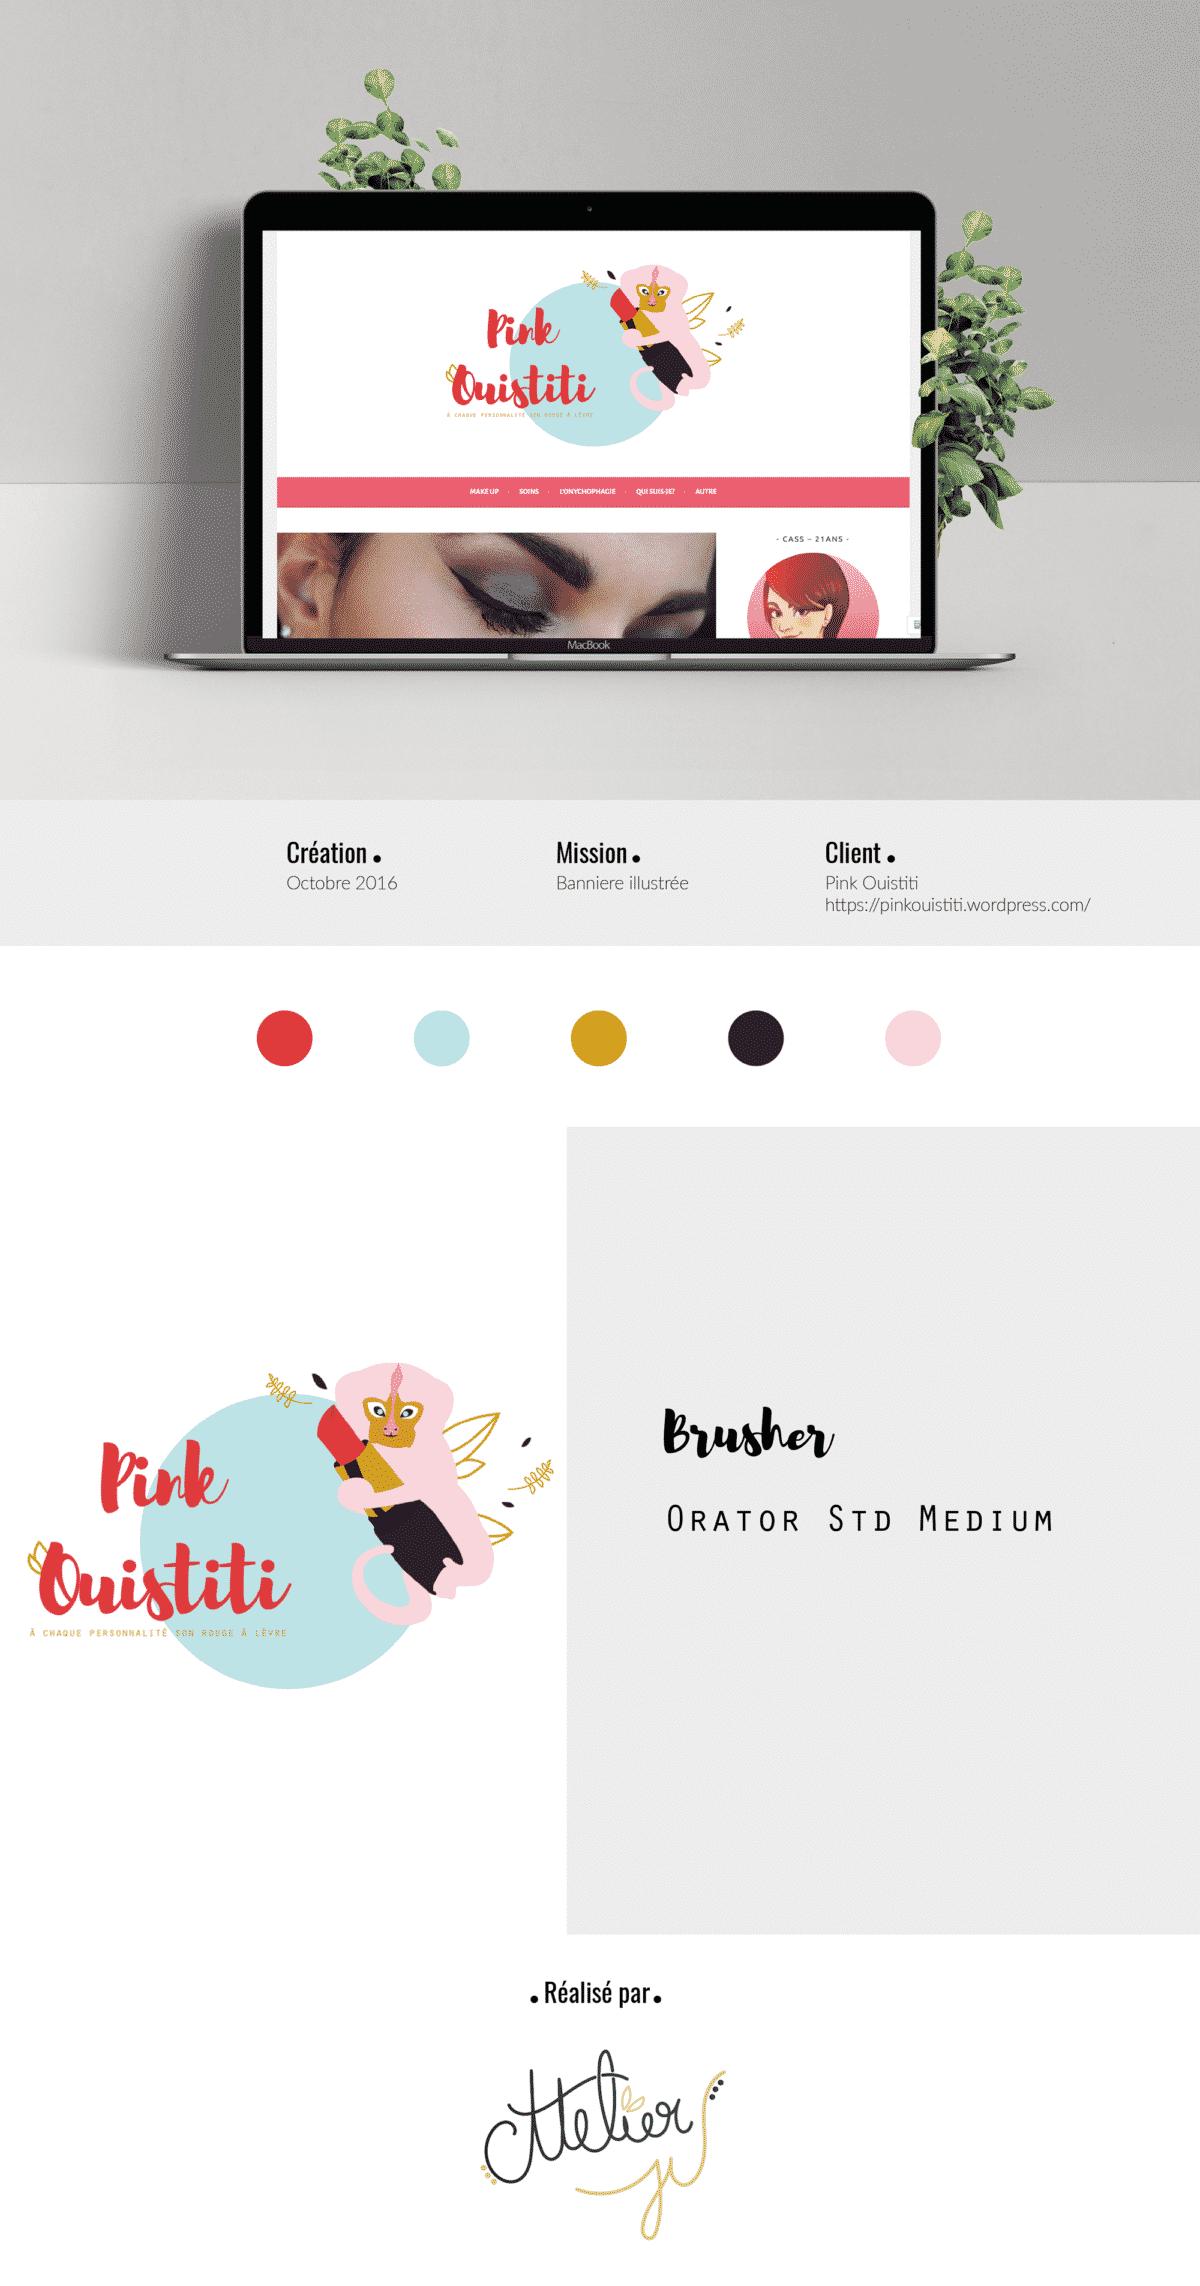 pink ouistiti-01